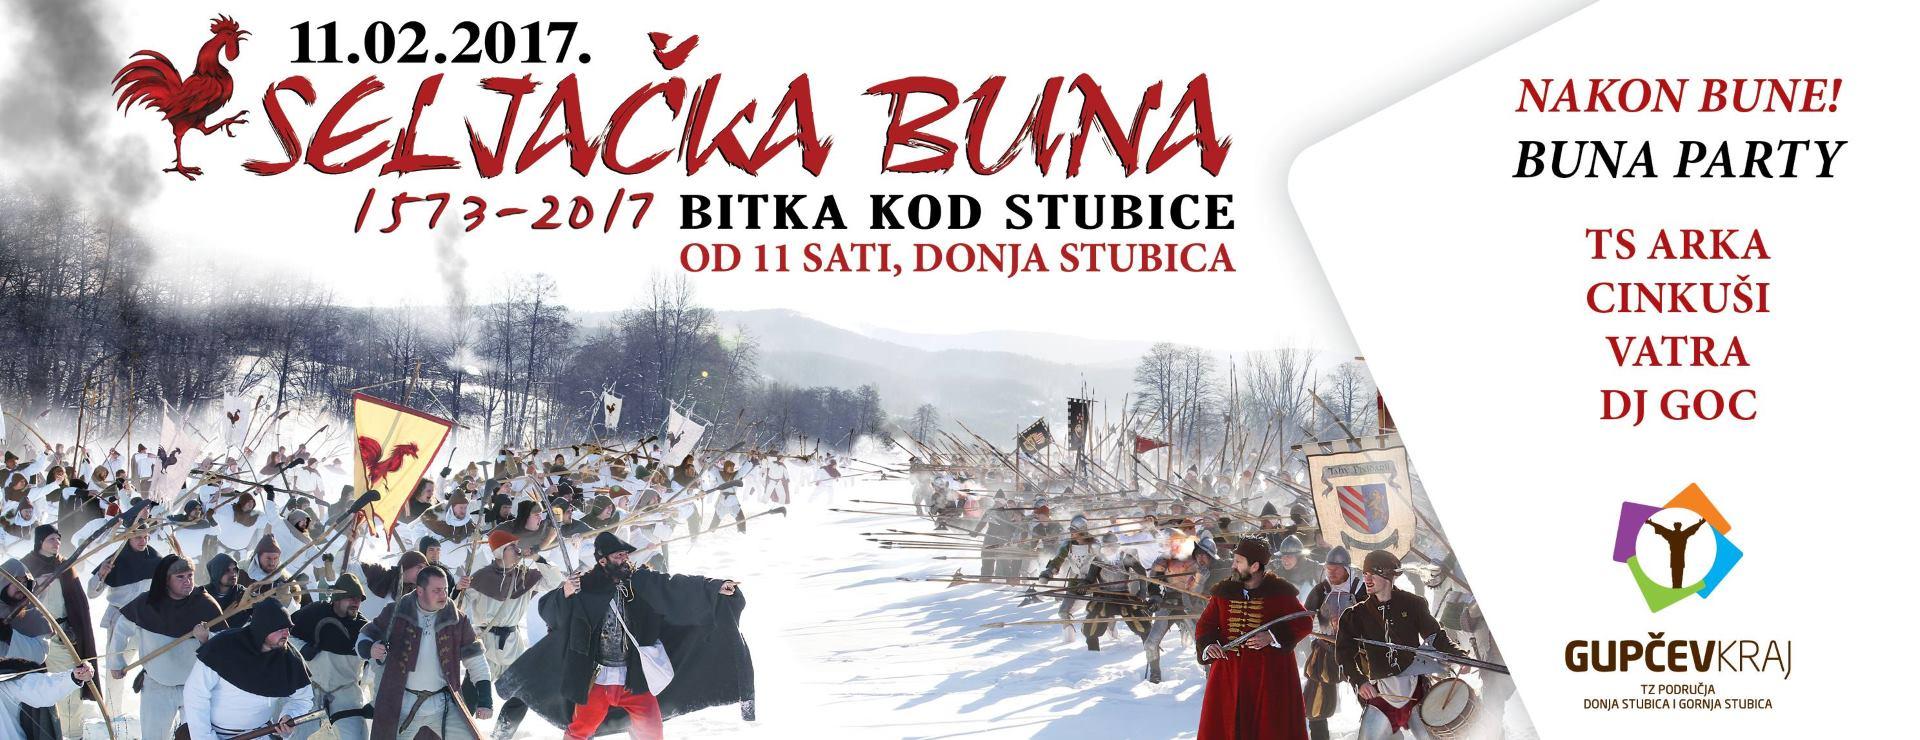 FOTO: Nagrađivana rekonstrukcija Bitke kod Stubice i ove godine očekuje brojne posjetitelje